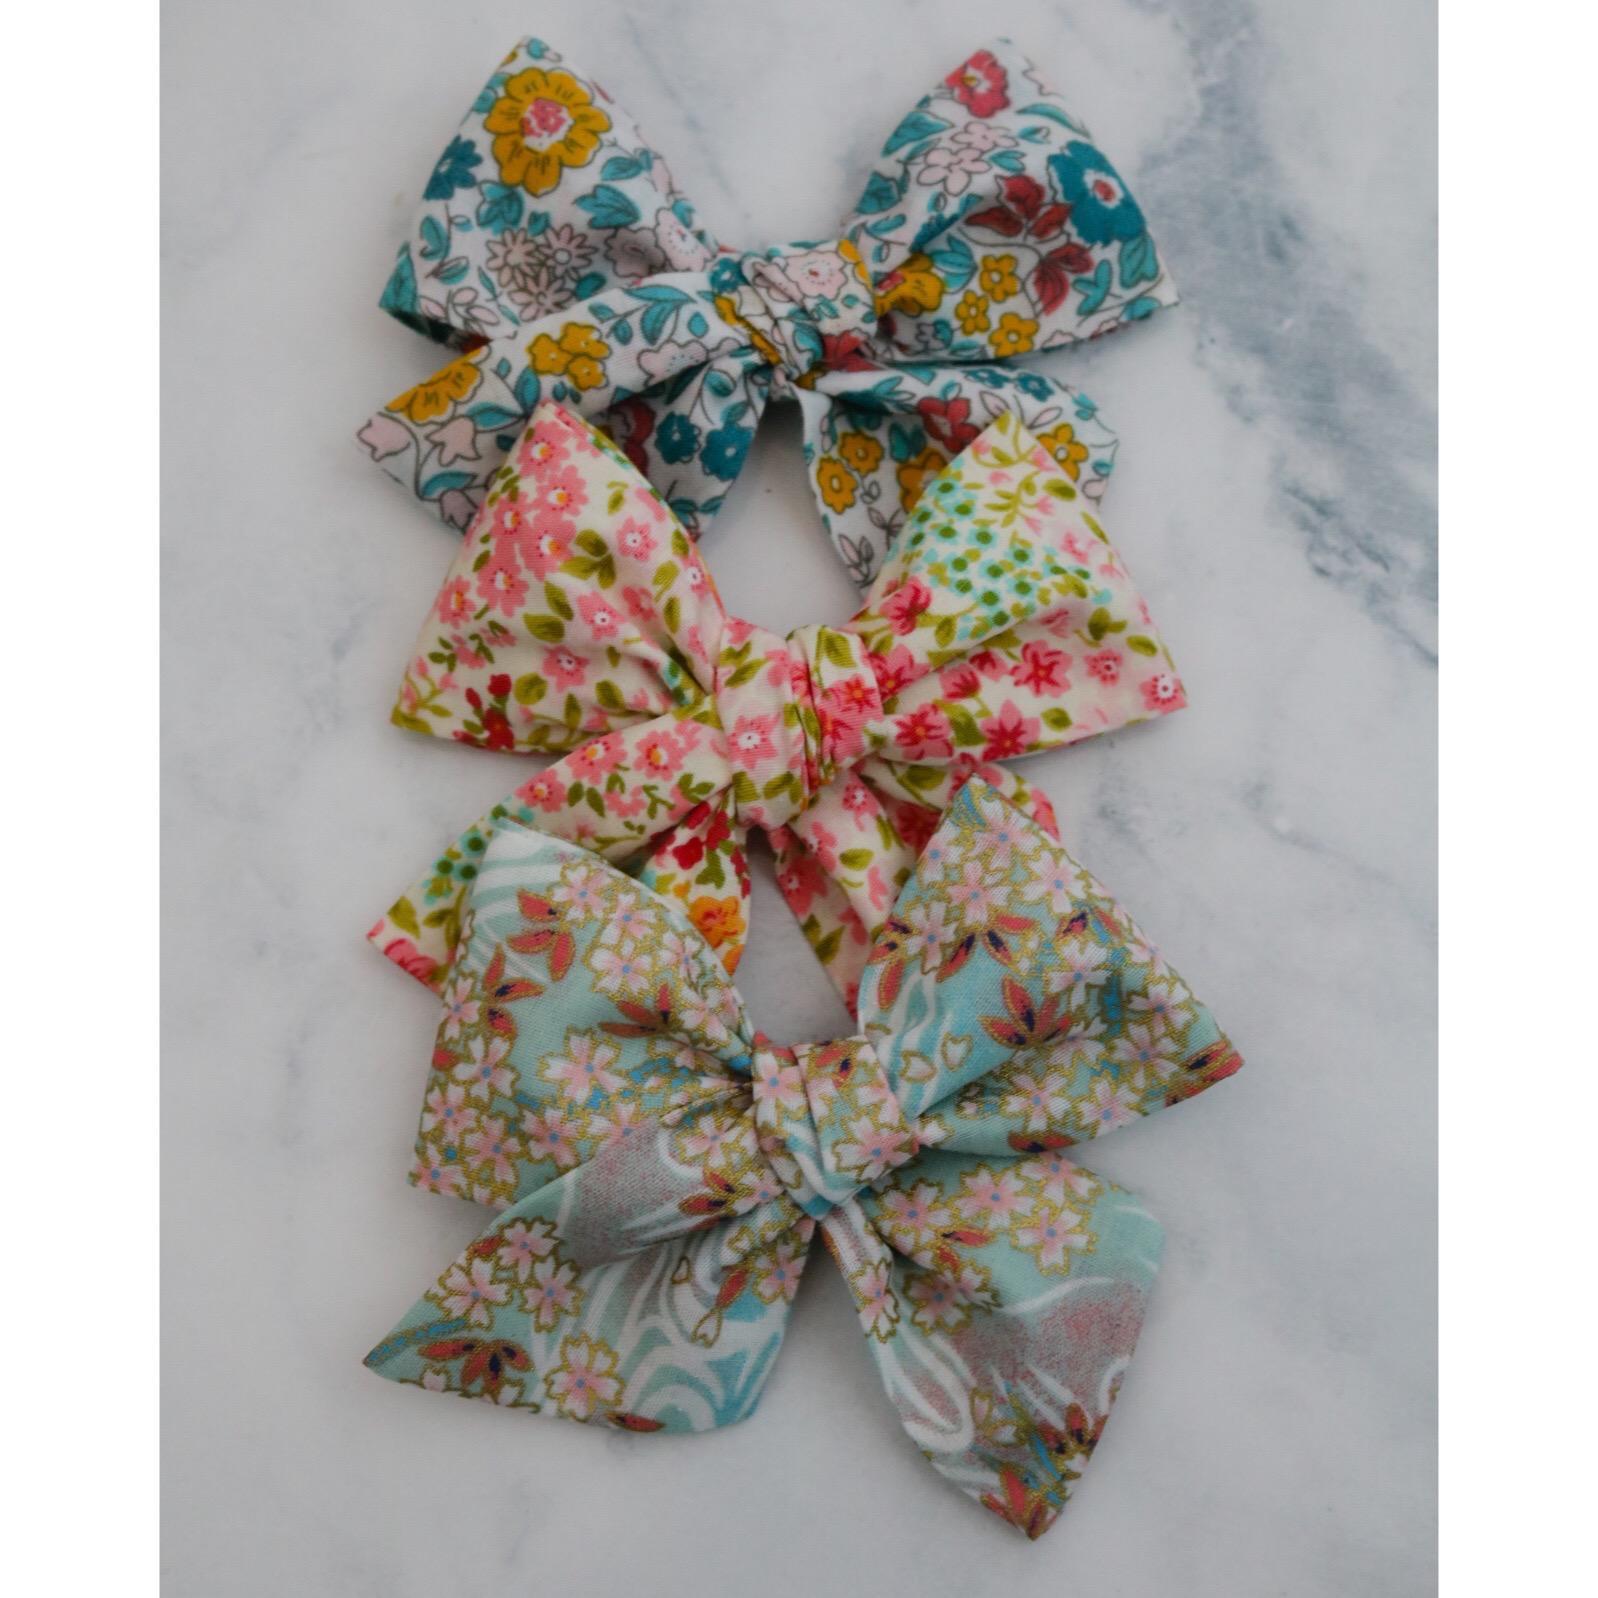 Fabric Pinwheel 2